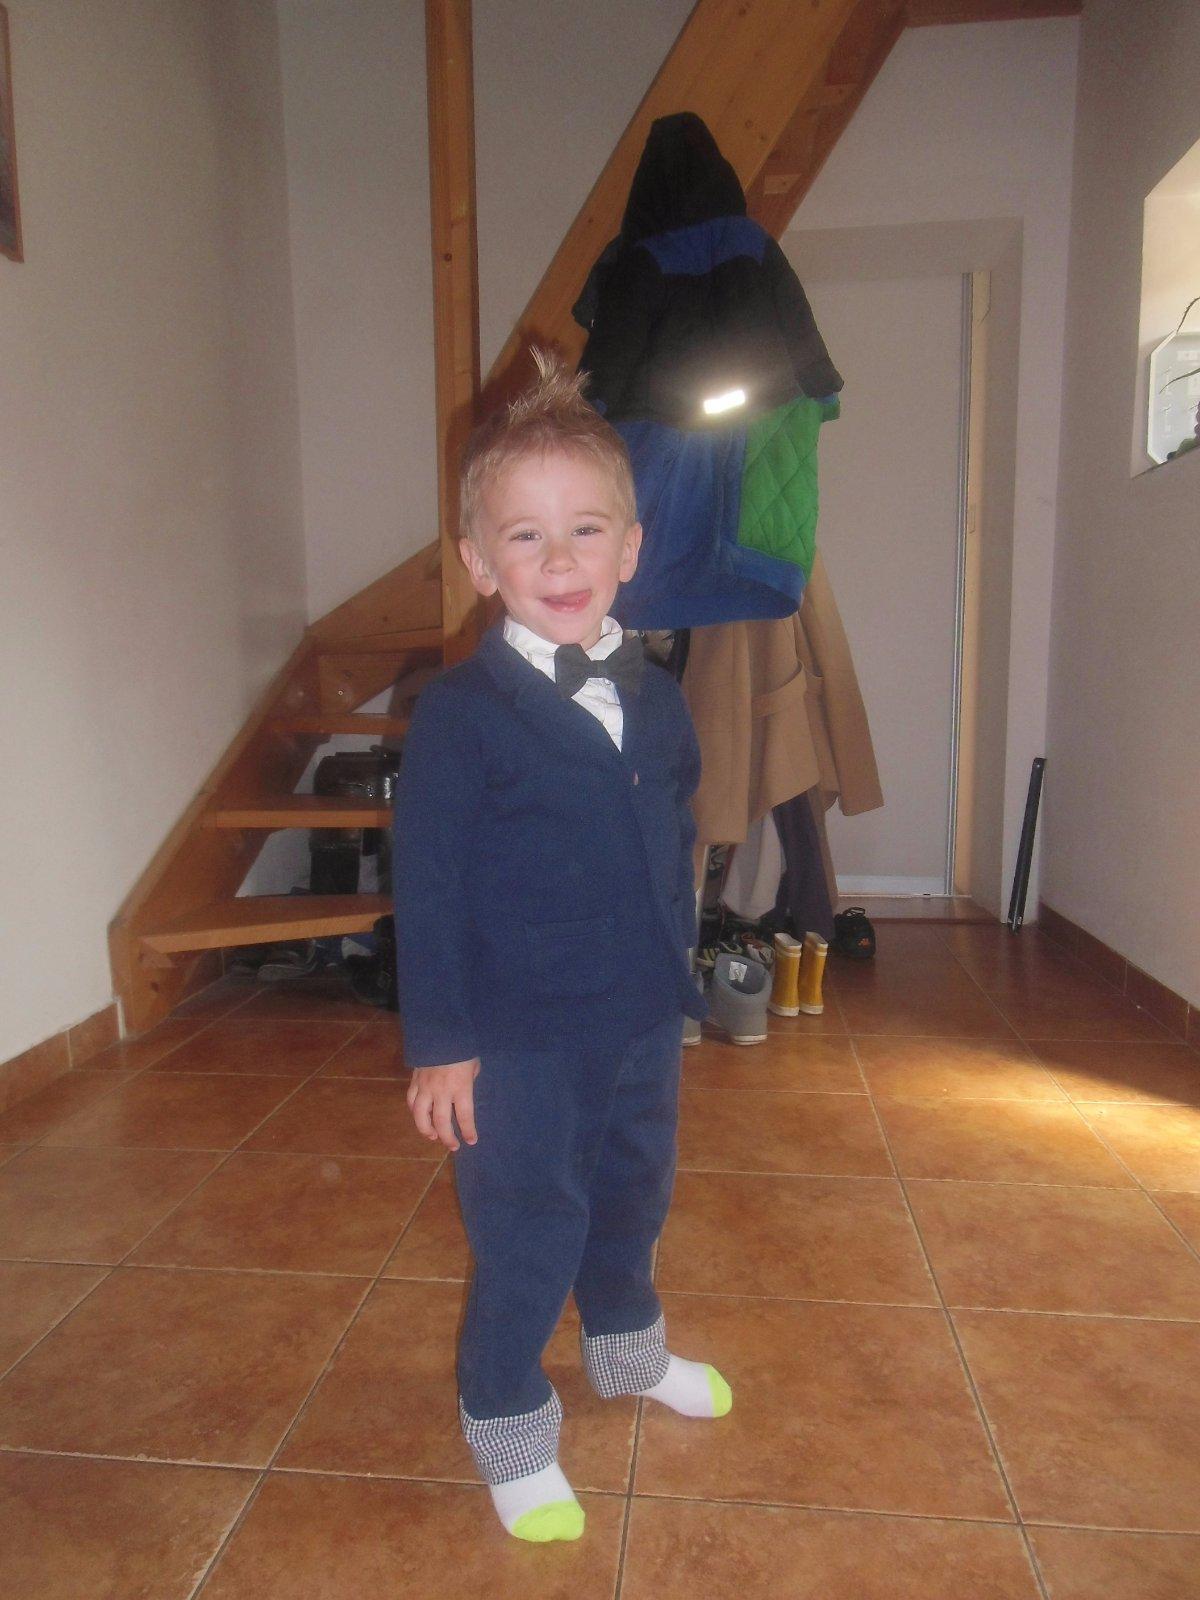 inak teraz na svadbe bol jeden chlapec v rifloch a v pohode vyzeral mal  košeľu a veľkého motýľa. c11ddacd5fb